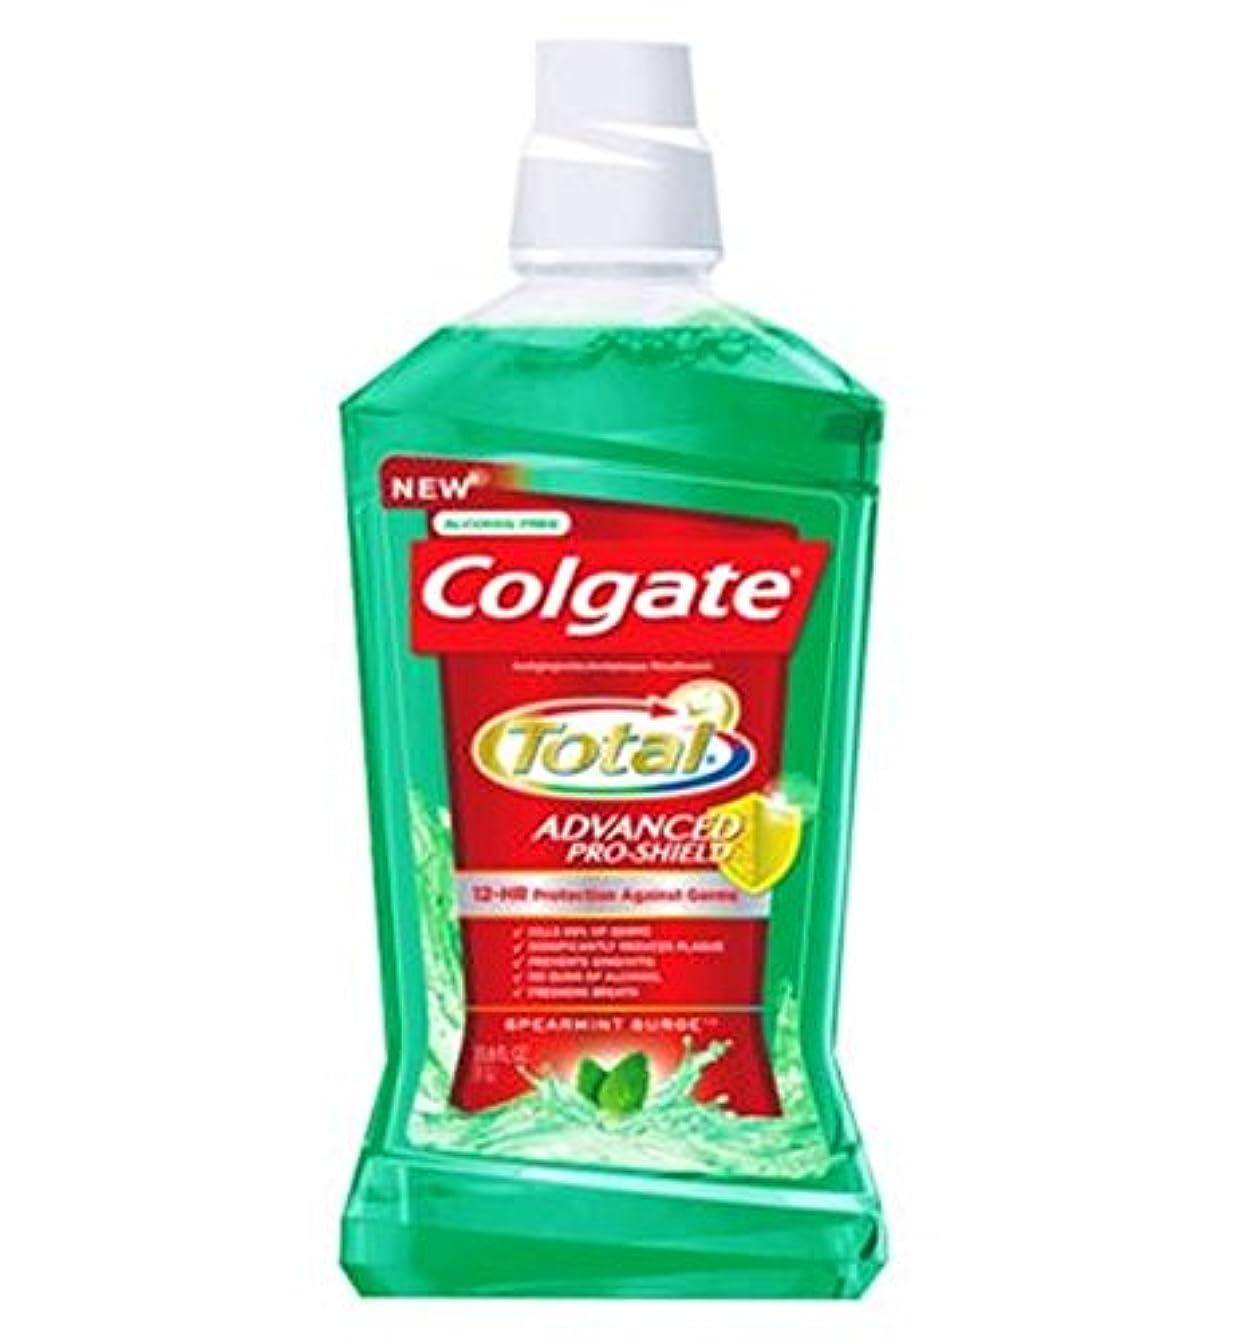 ヒール核フォアタイプColgate Mouthrinse Total Green 500ml - コルゲートの口内洗浄剤の合計緑500ミリリットル (Colgate) [並行輸入品]